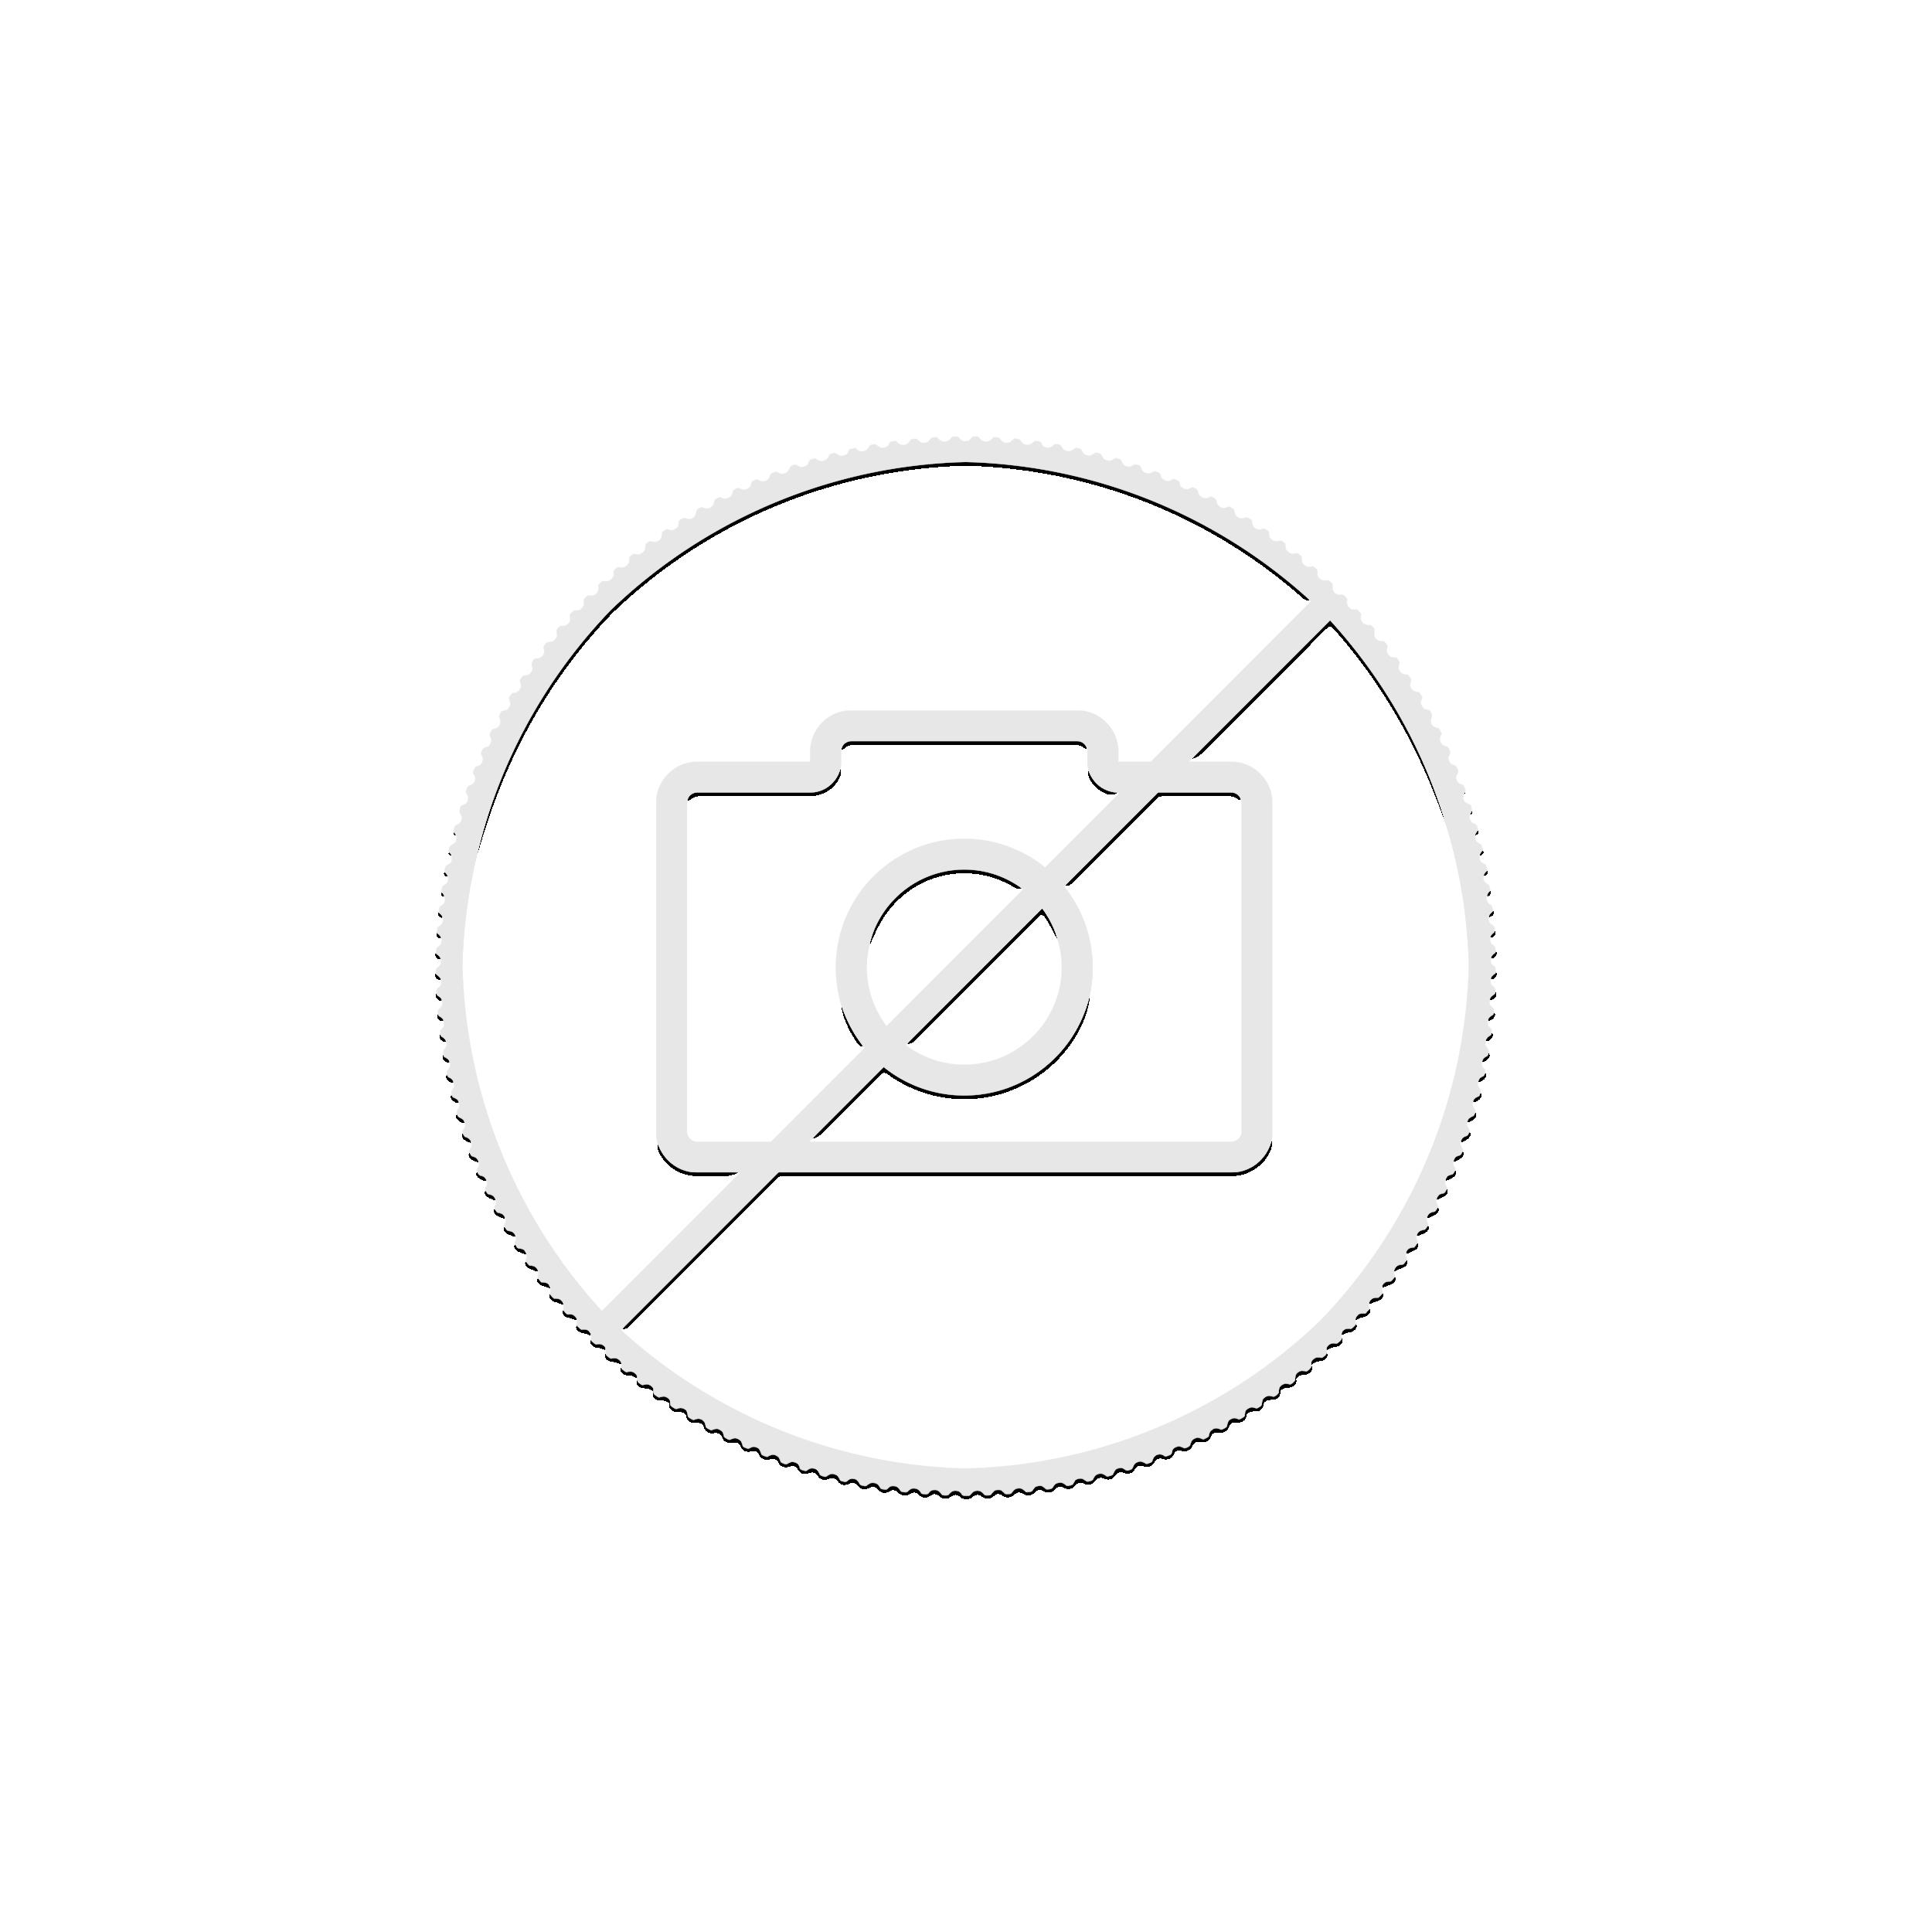 Goud baar 1 gram diverse producenten